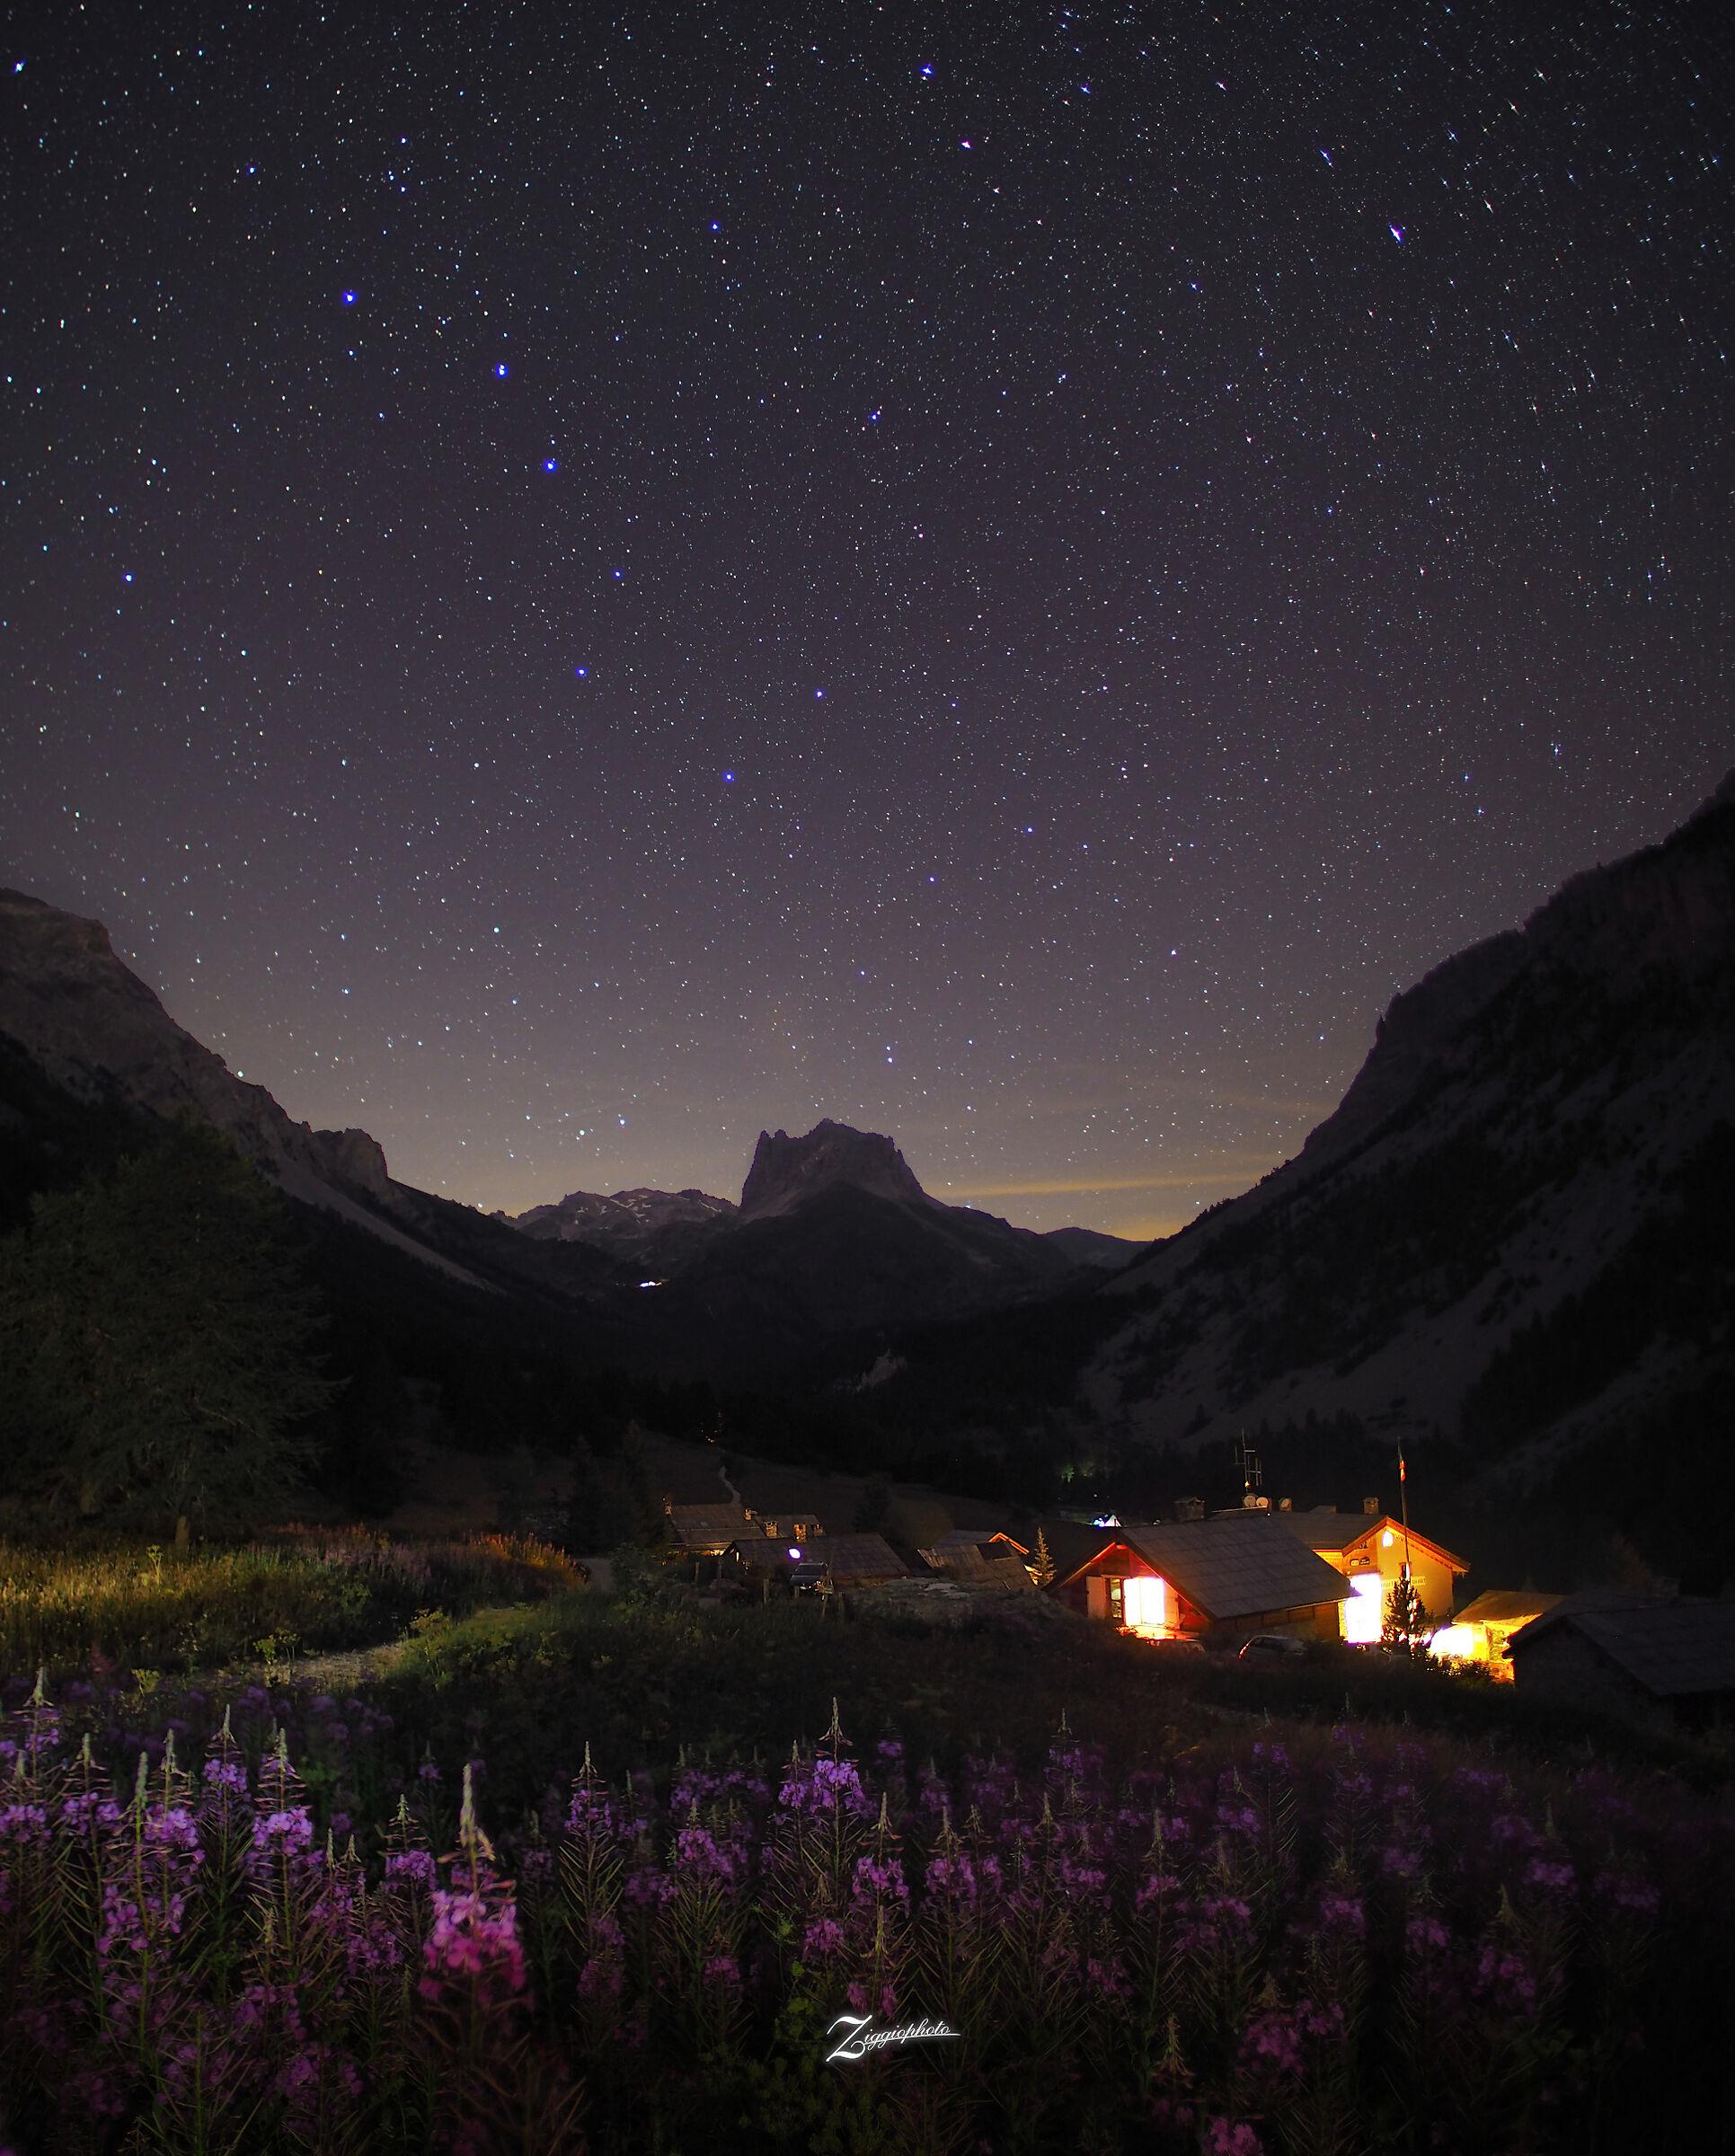 Magie notturne in Valle Stretta...